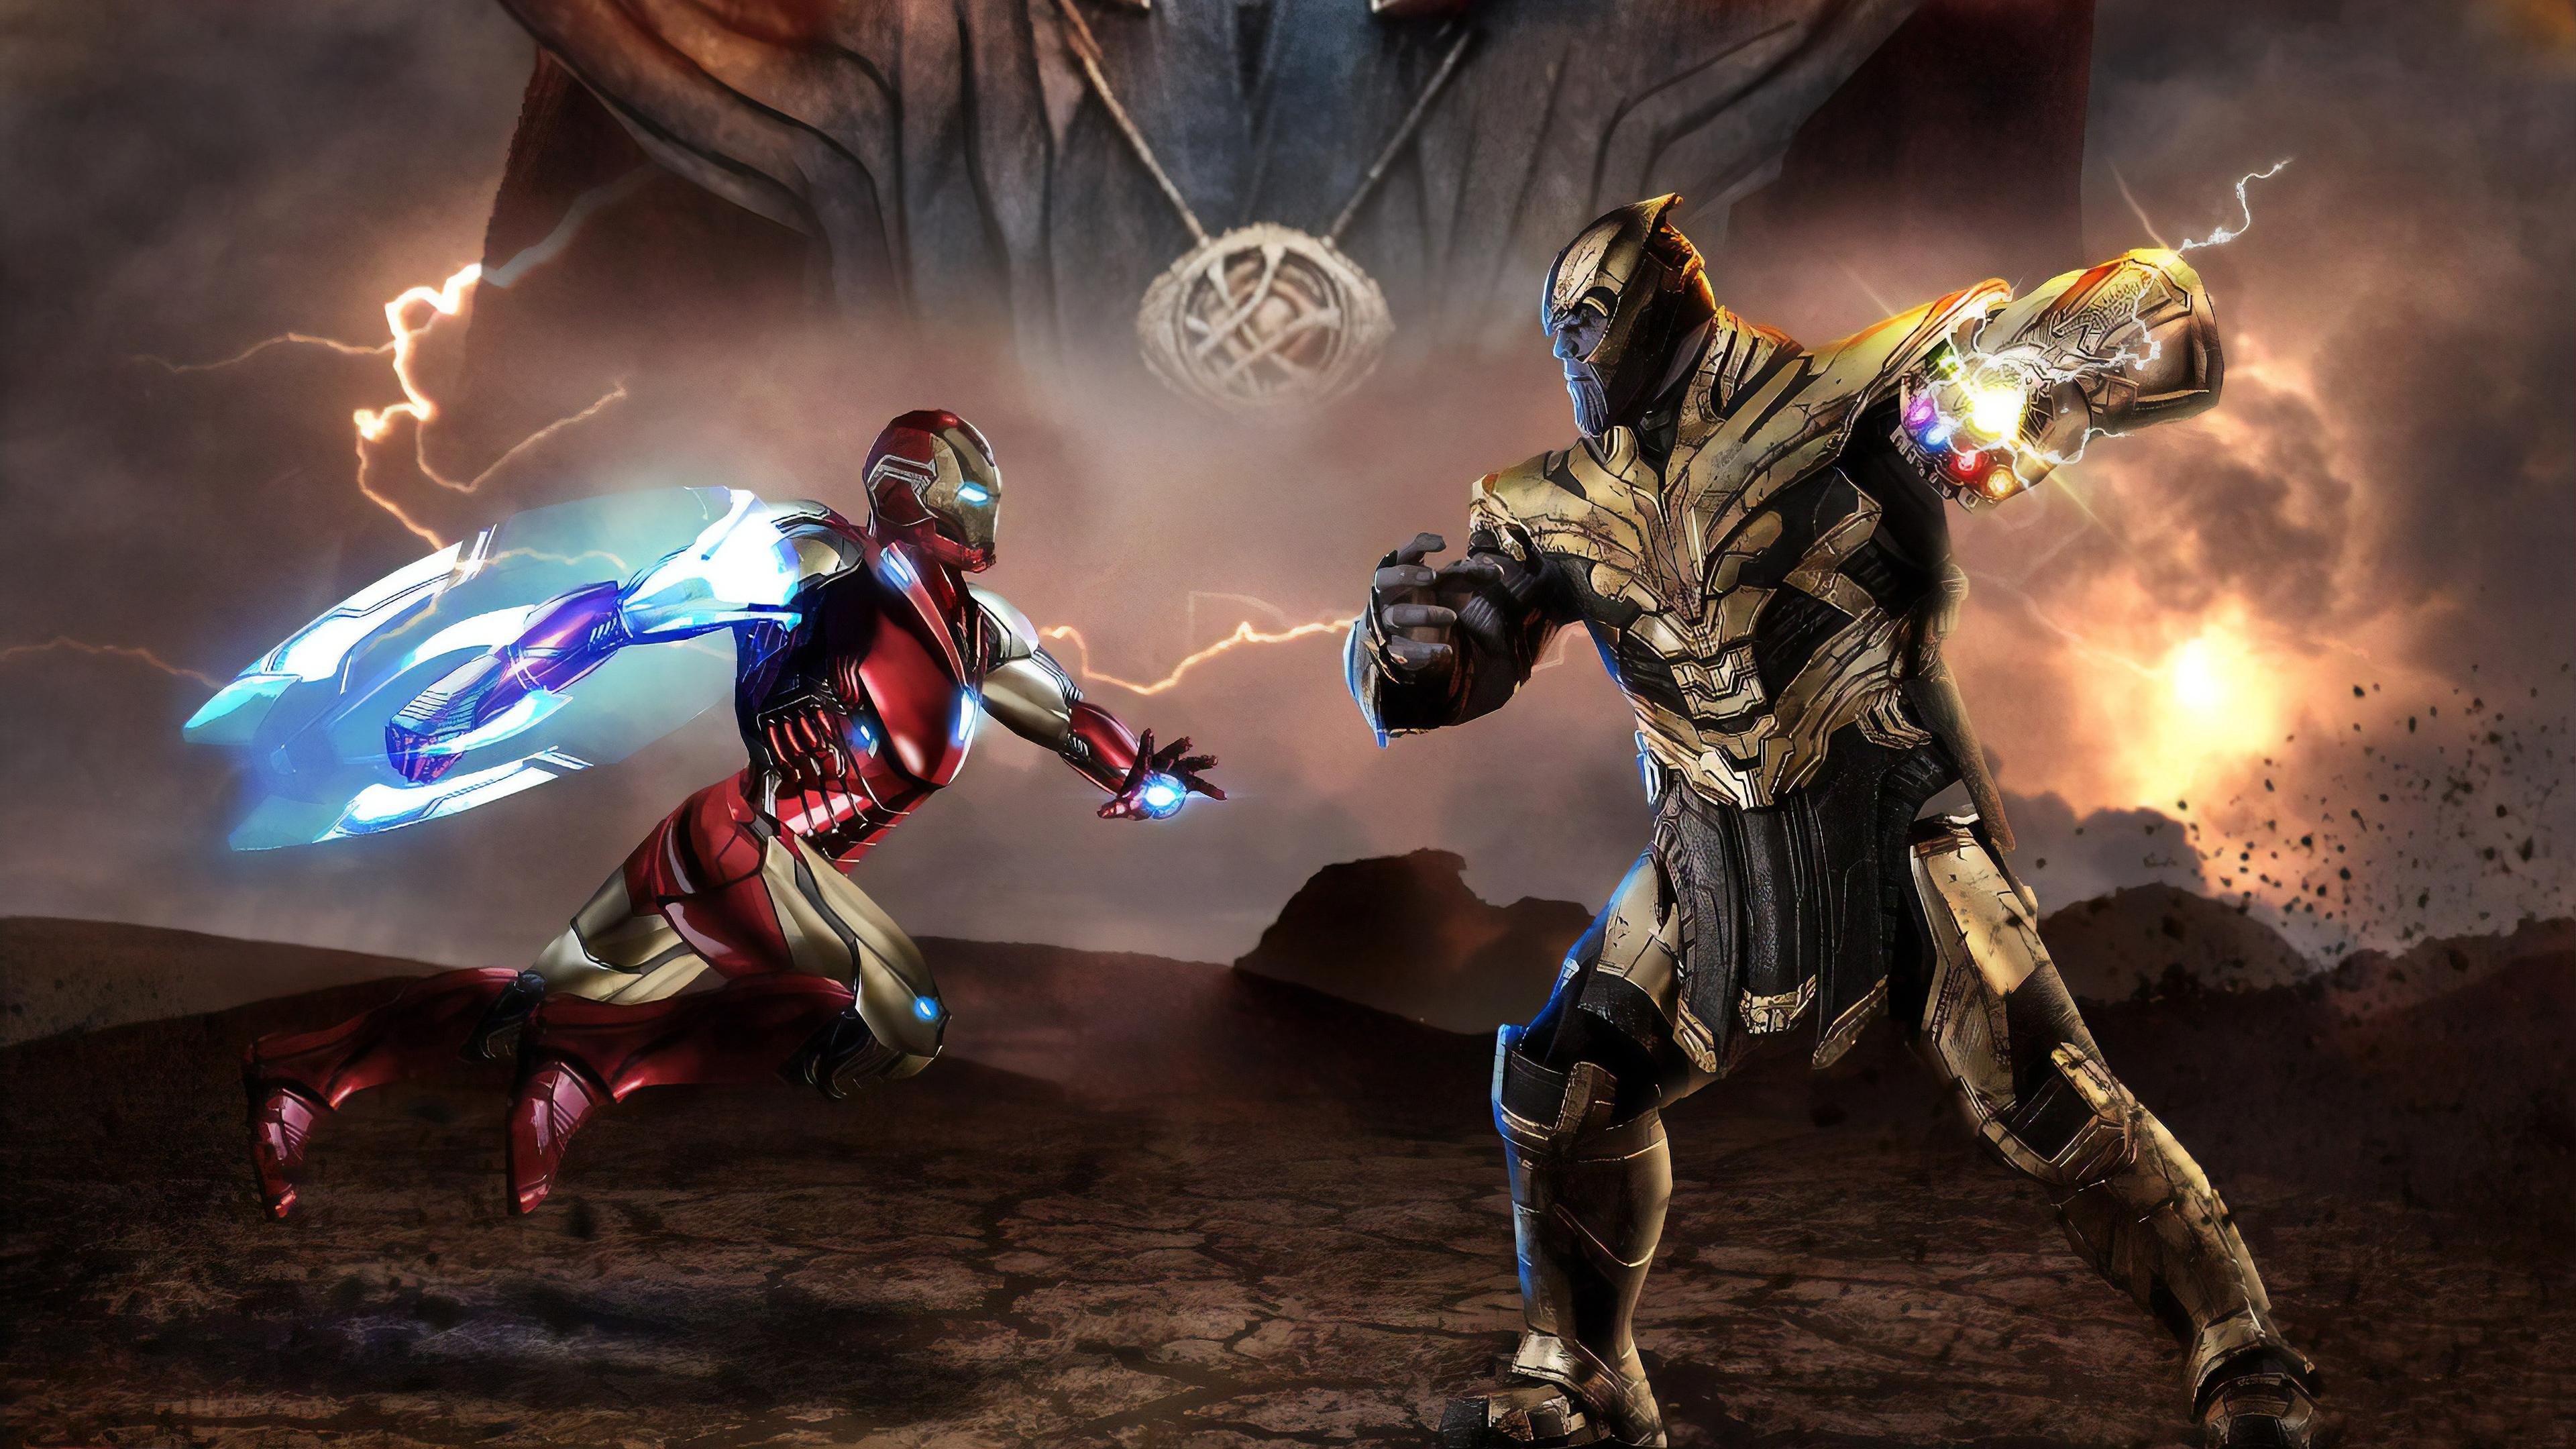 iron man vs thanos avengers endgame 1559764267 - Iron Man Vs Thanos Avengers Endgame - thanos-wallpapers, superheroes wallpapers, iron man wallpapers, hd-wallpapers, behance wallpapers, avengers endgame wallpapers, artwork wallpapers, 4k-wallpapers